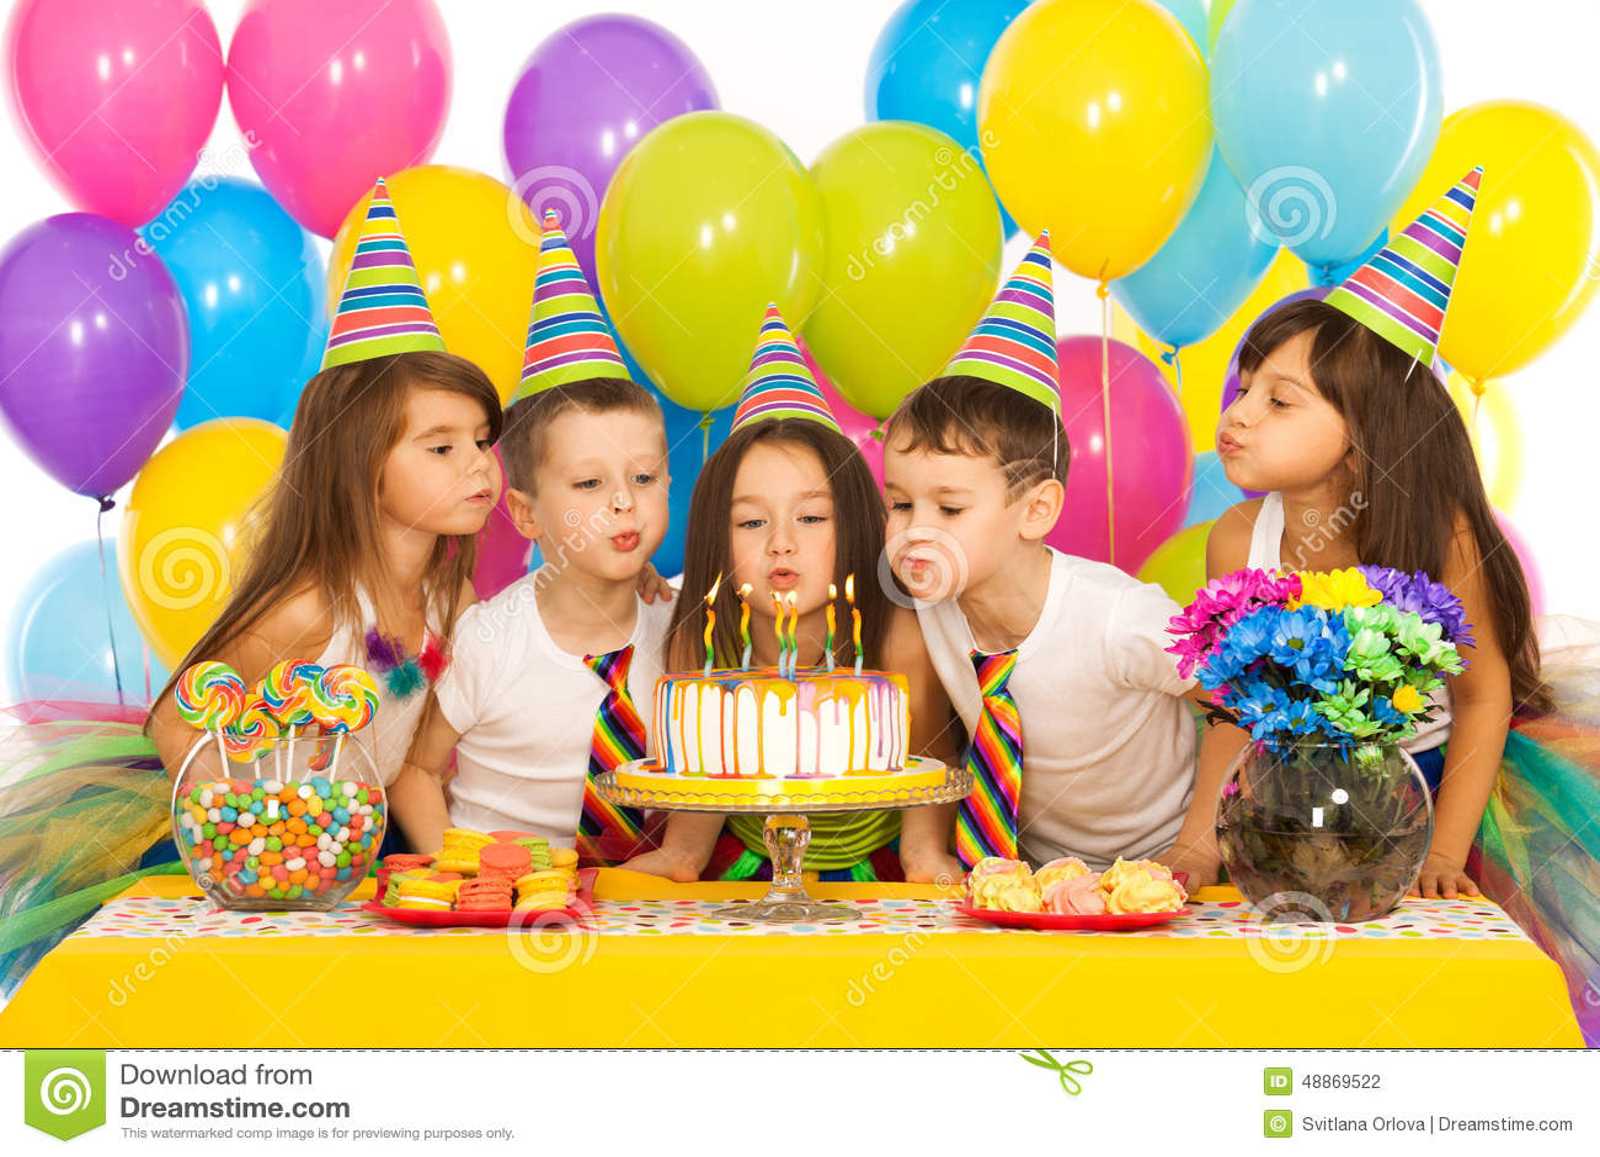 Как сделать весёлый день рождения